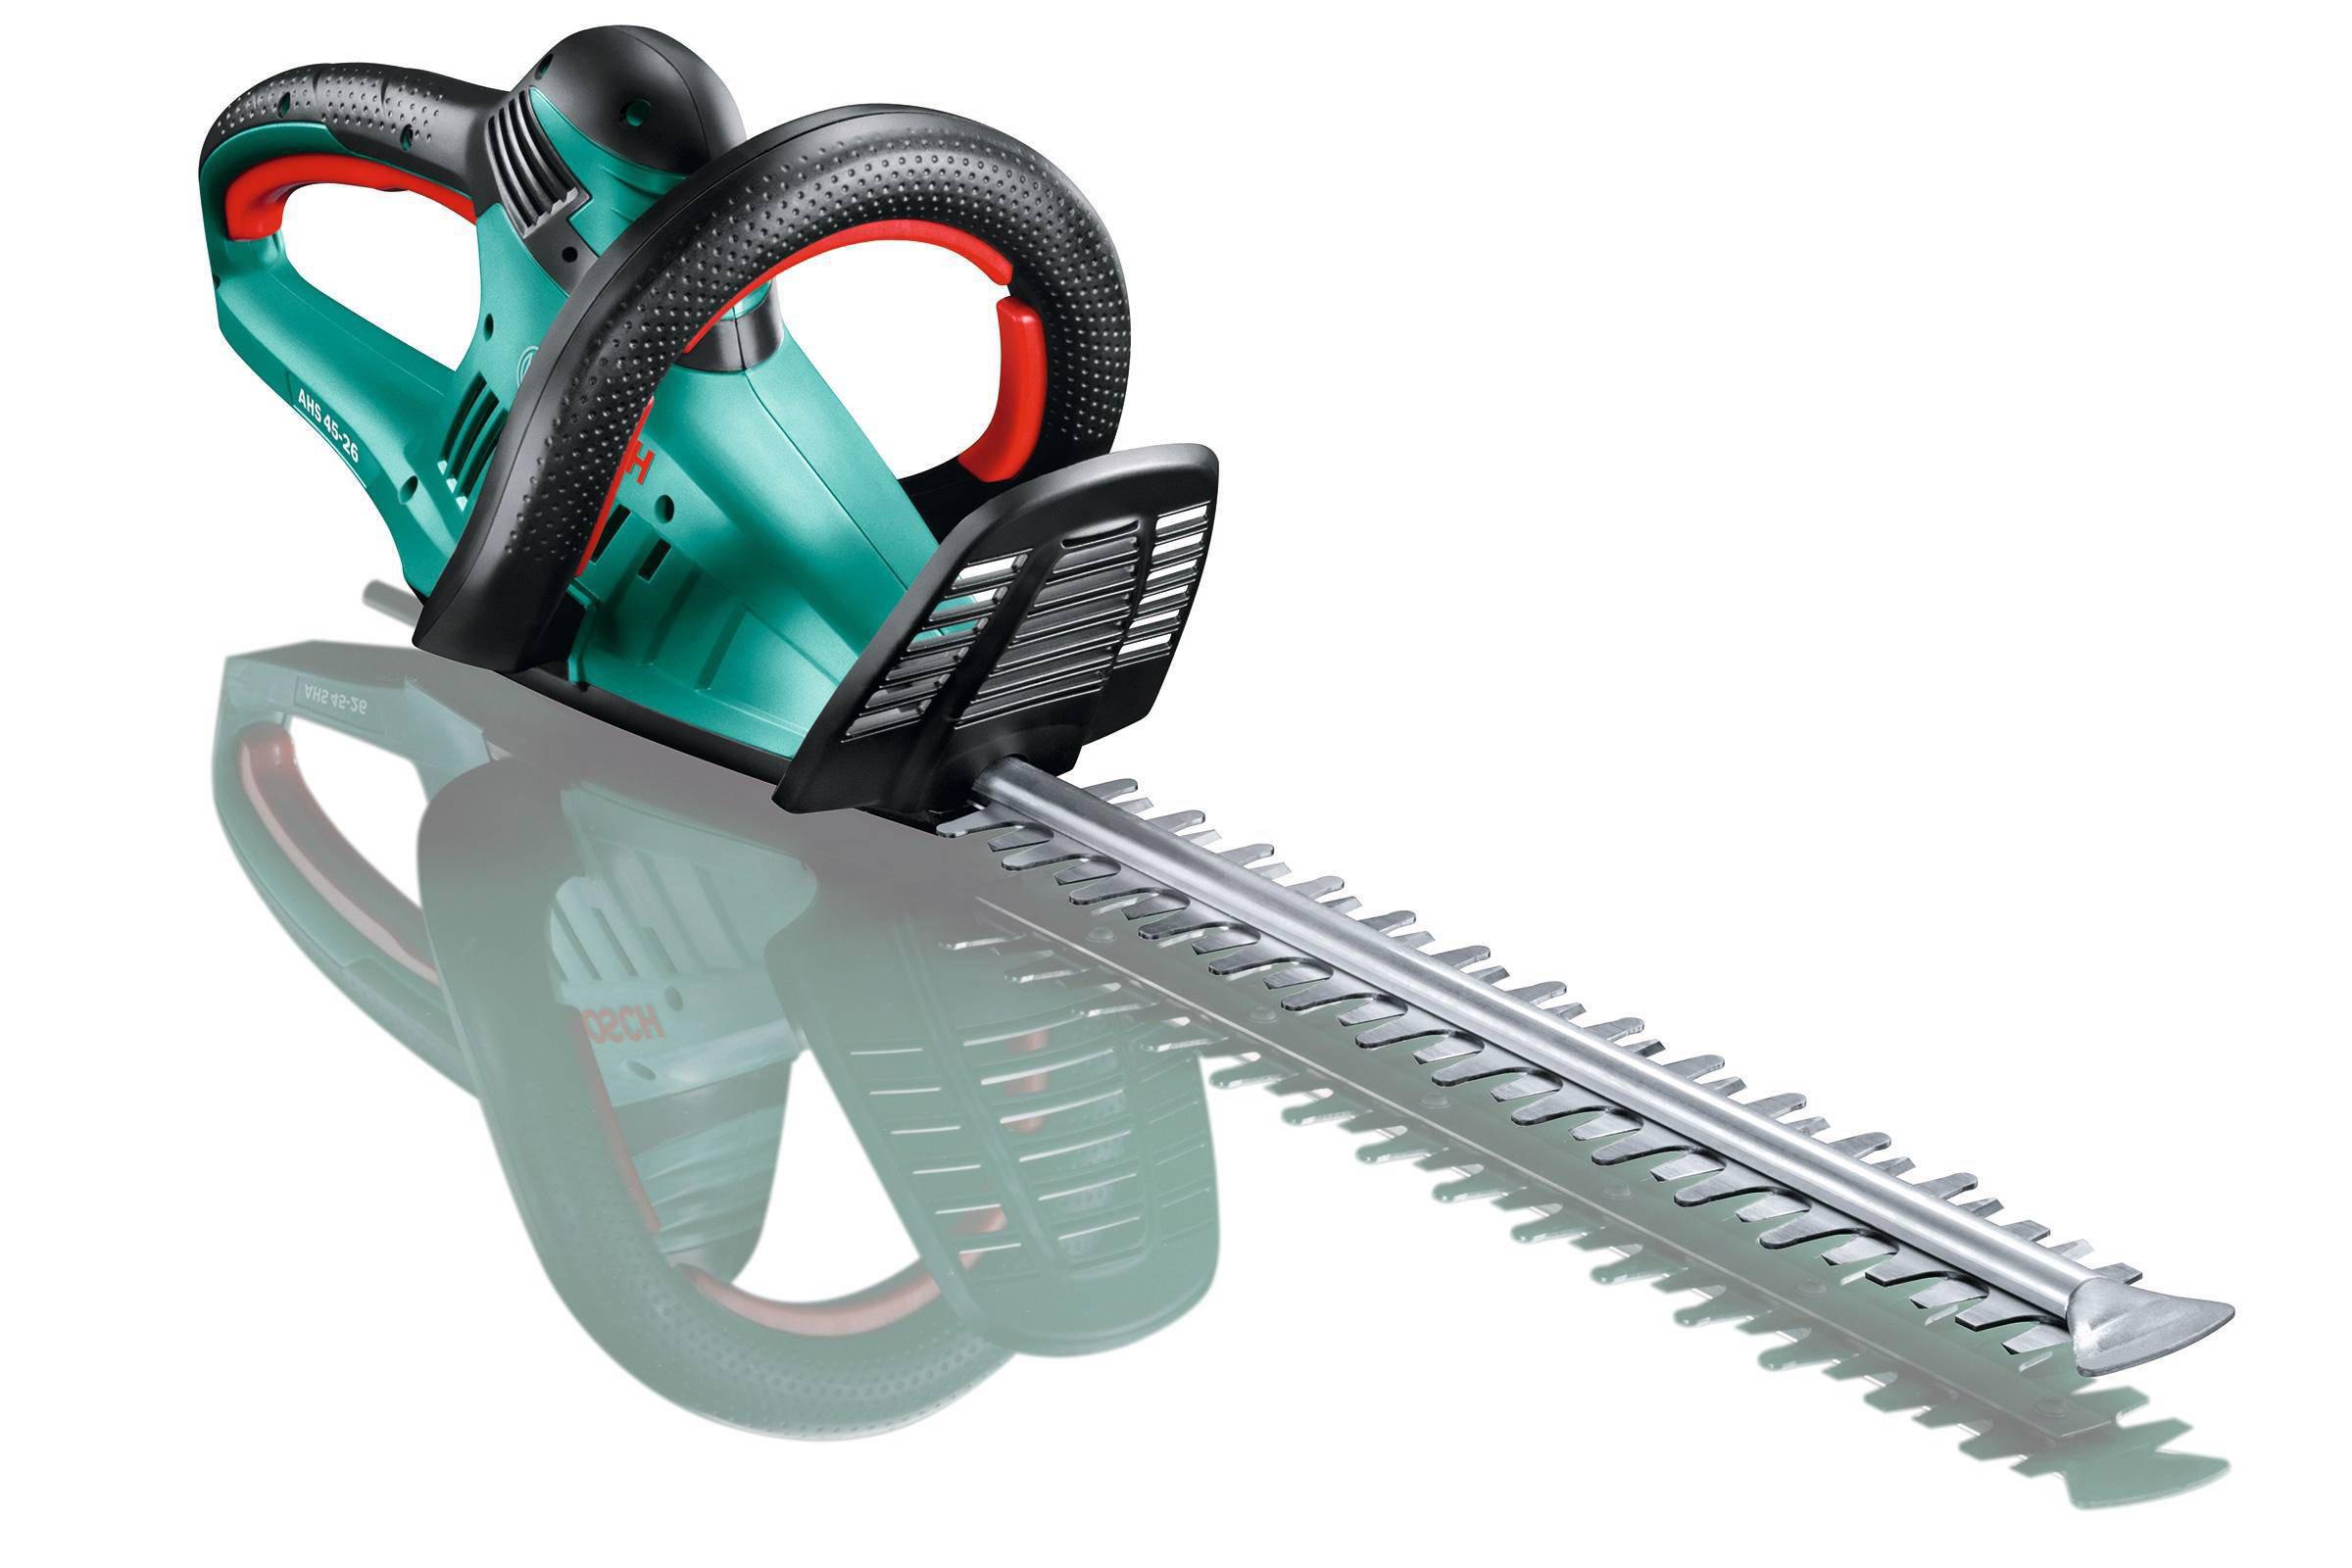 Fabulous Bosch AHS 45-26 elektrische heggenschaar | wehkamp IV76